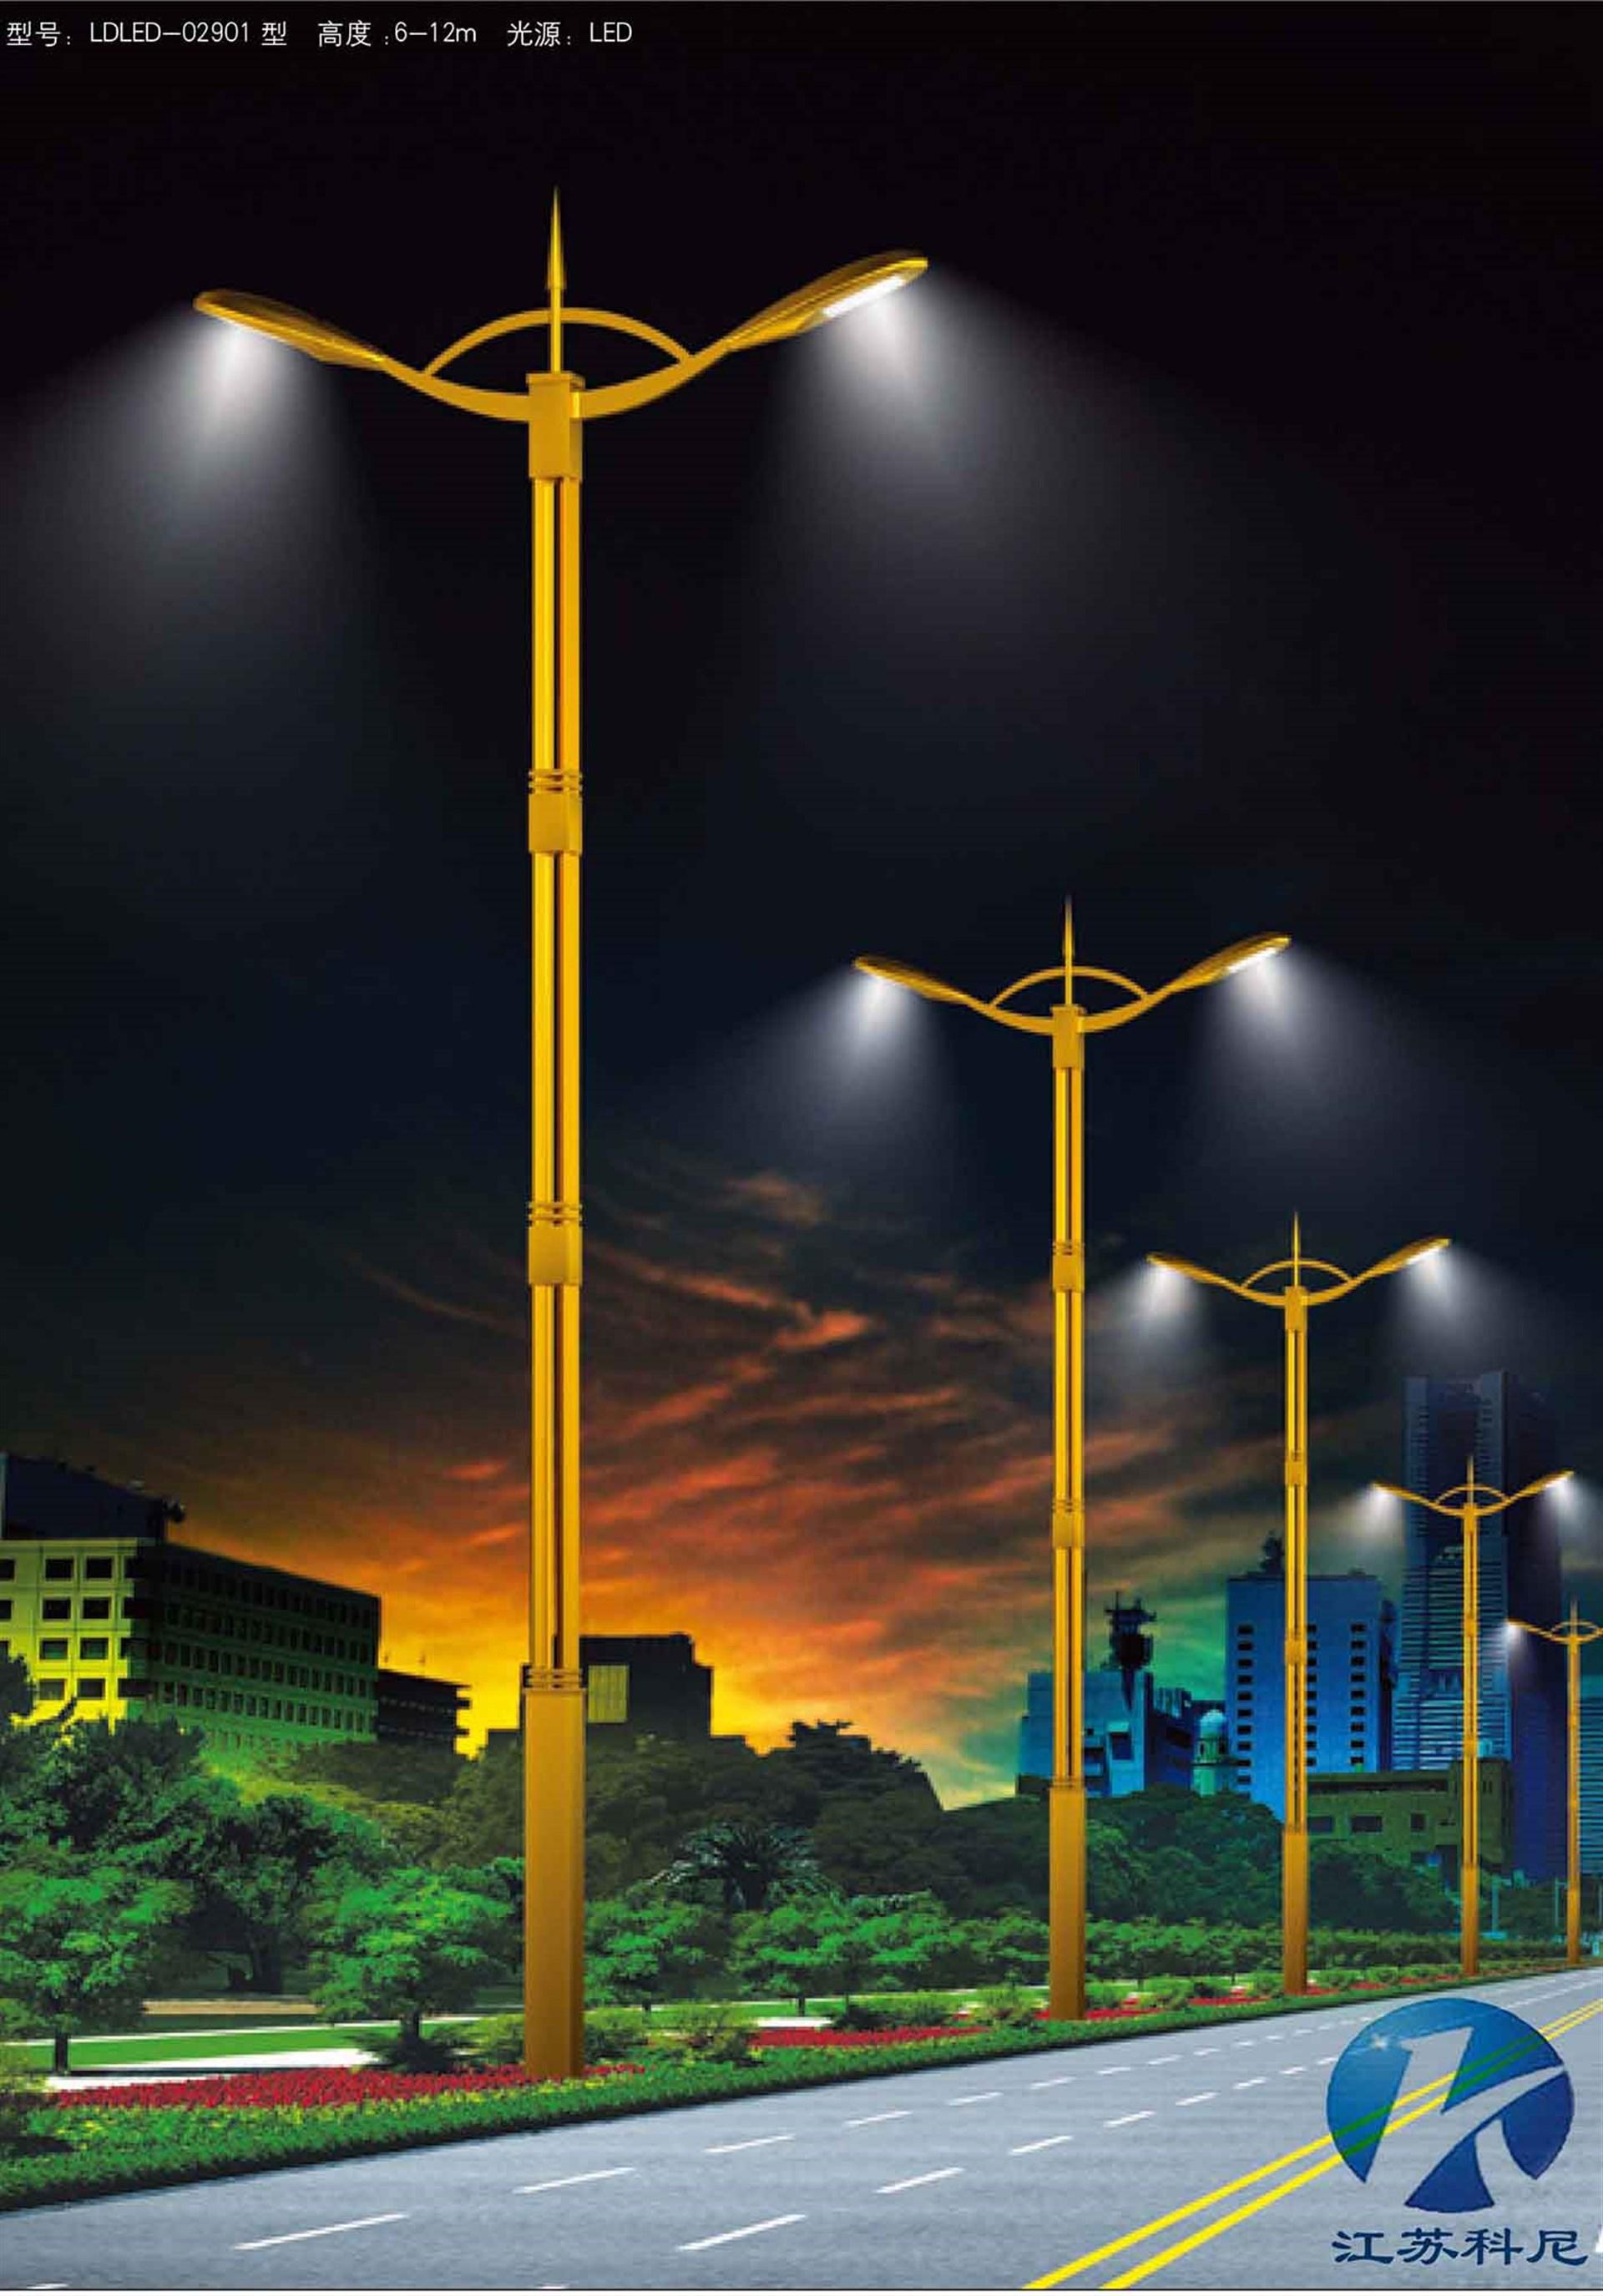 贵州贵阳农村照明路灯太阳能光伏路灯